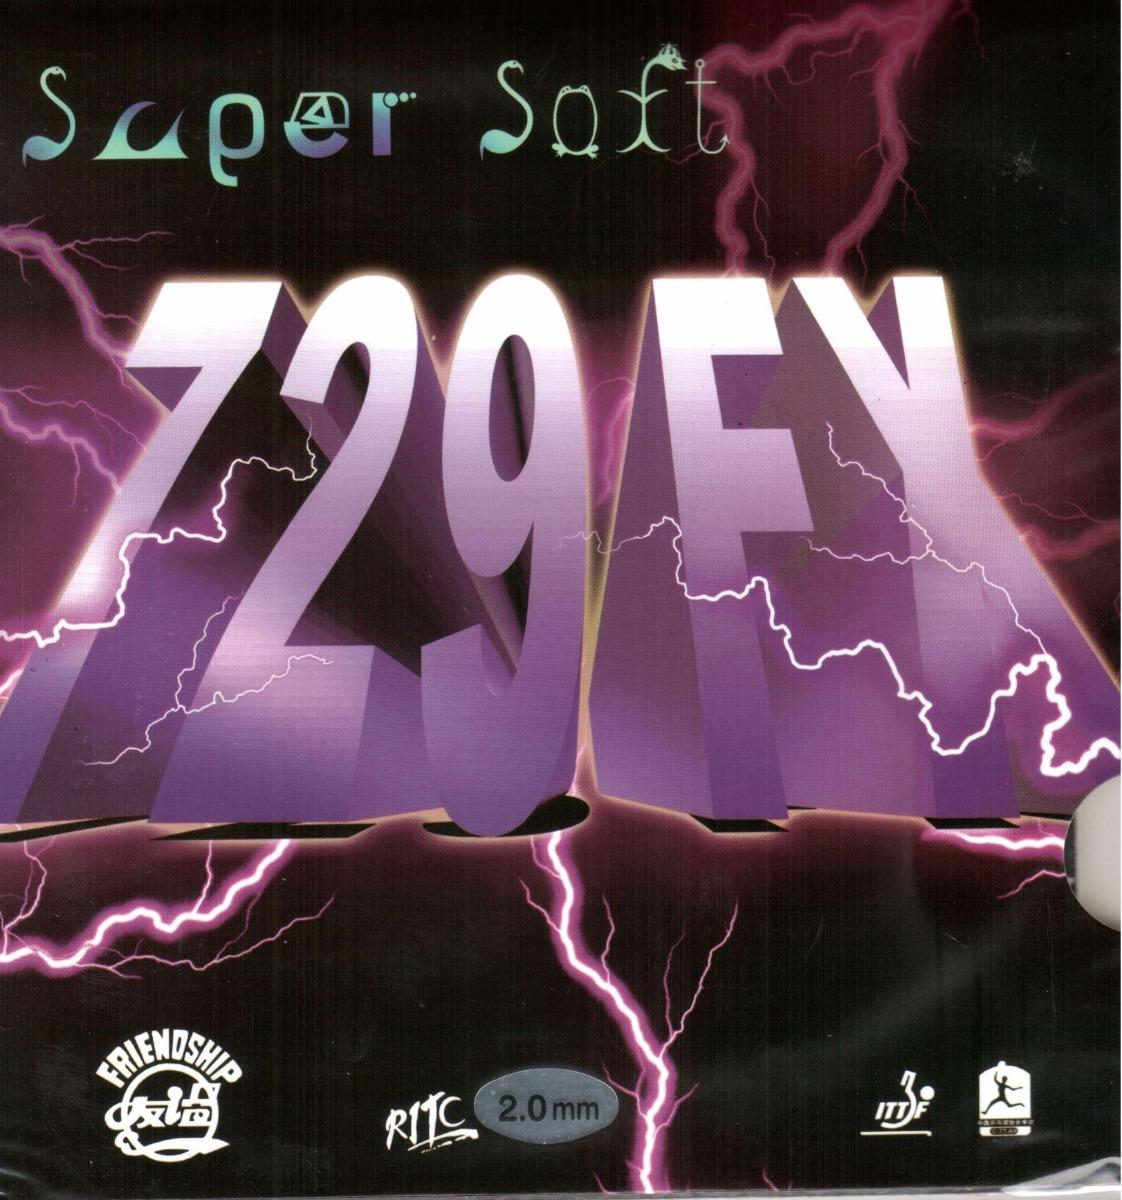 Friendship 729 FX Super Soft